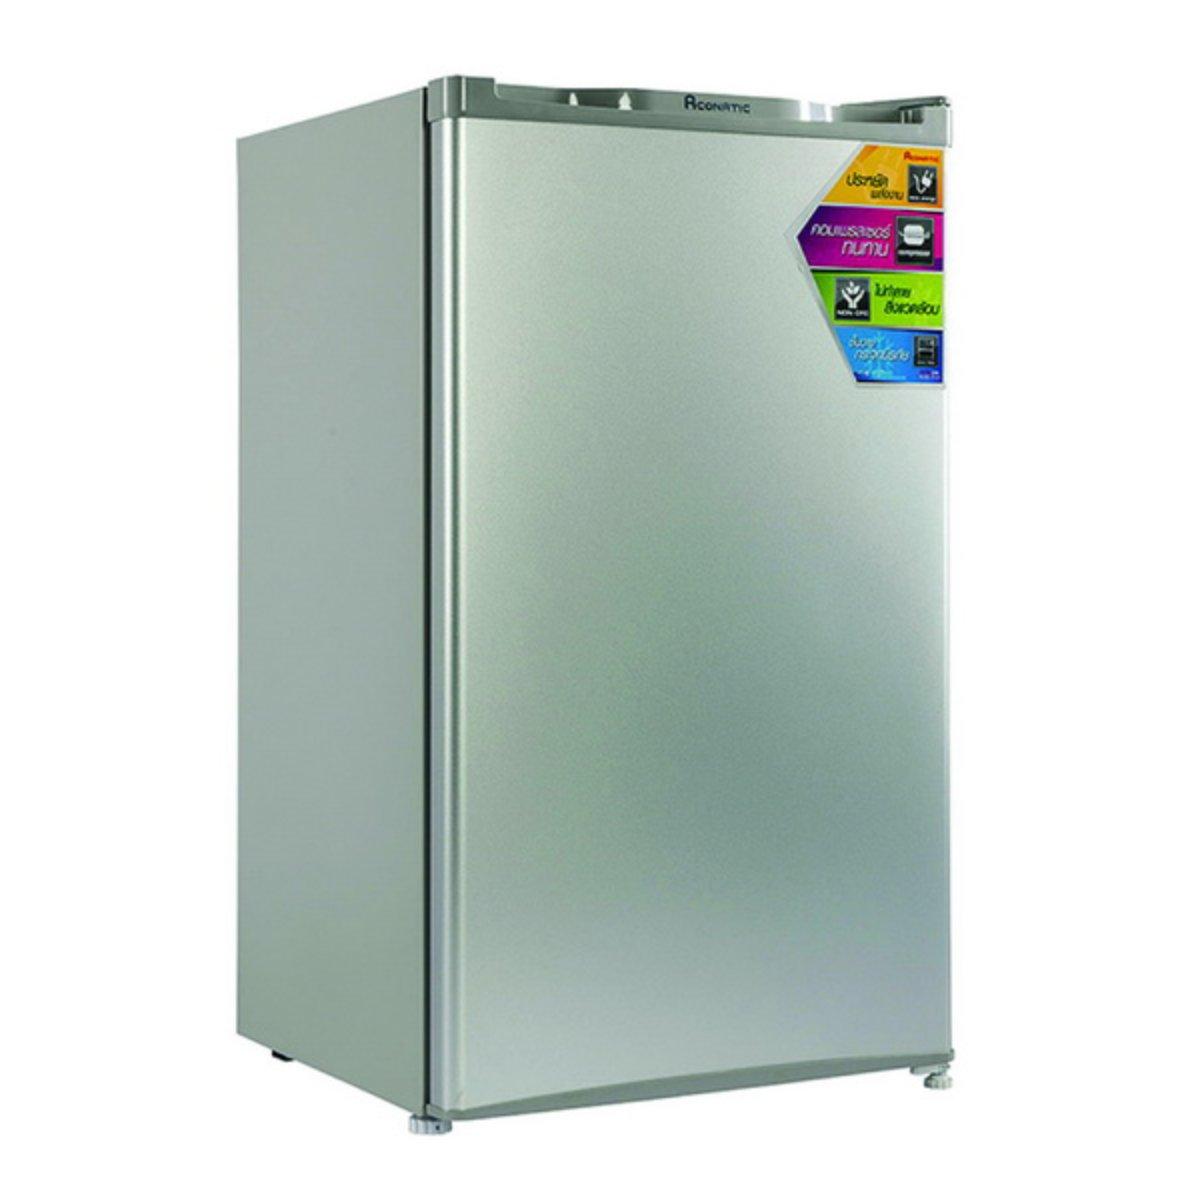 ตู้เย็นลูกเต๋า (3.3 คิว, บรอนเงิน) รุ่น AN-FR928